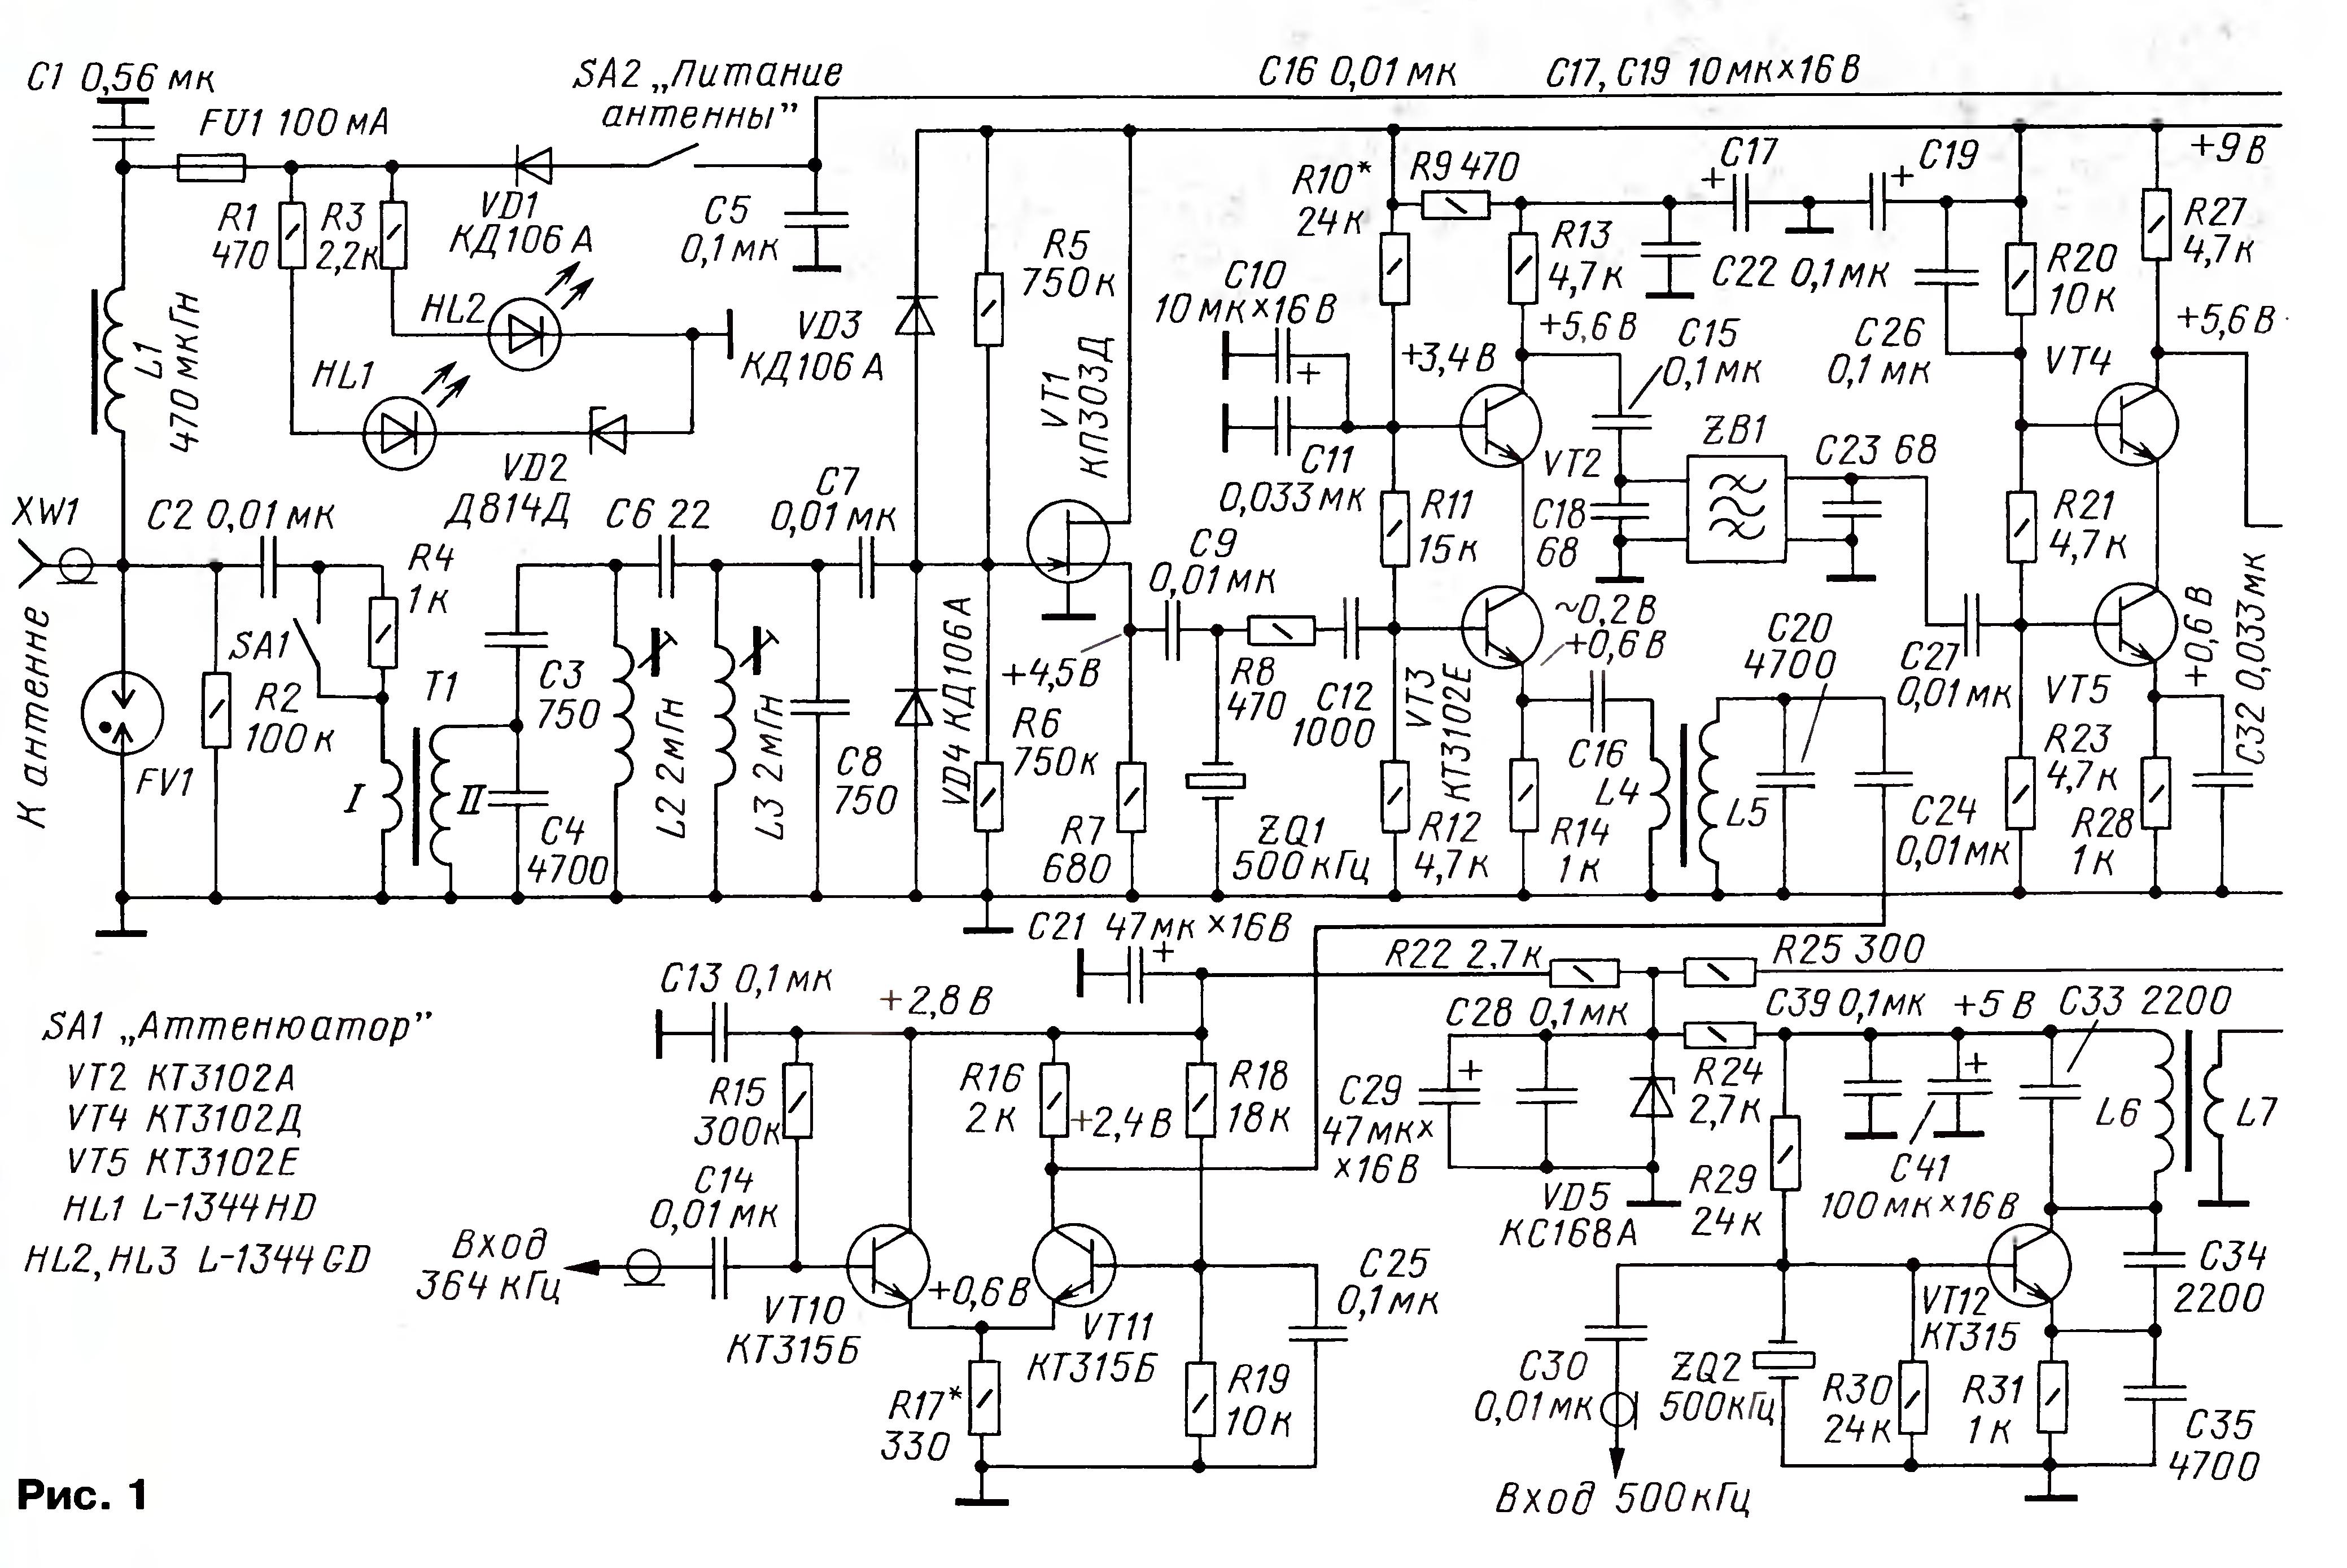 схема радиолюбительского связного приемника